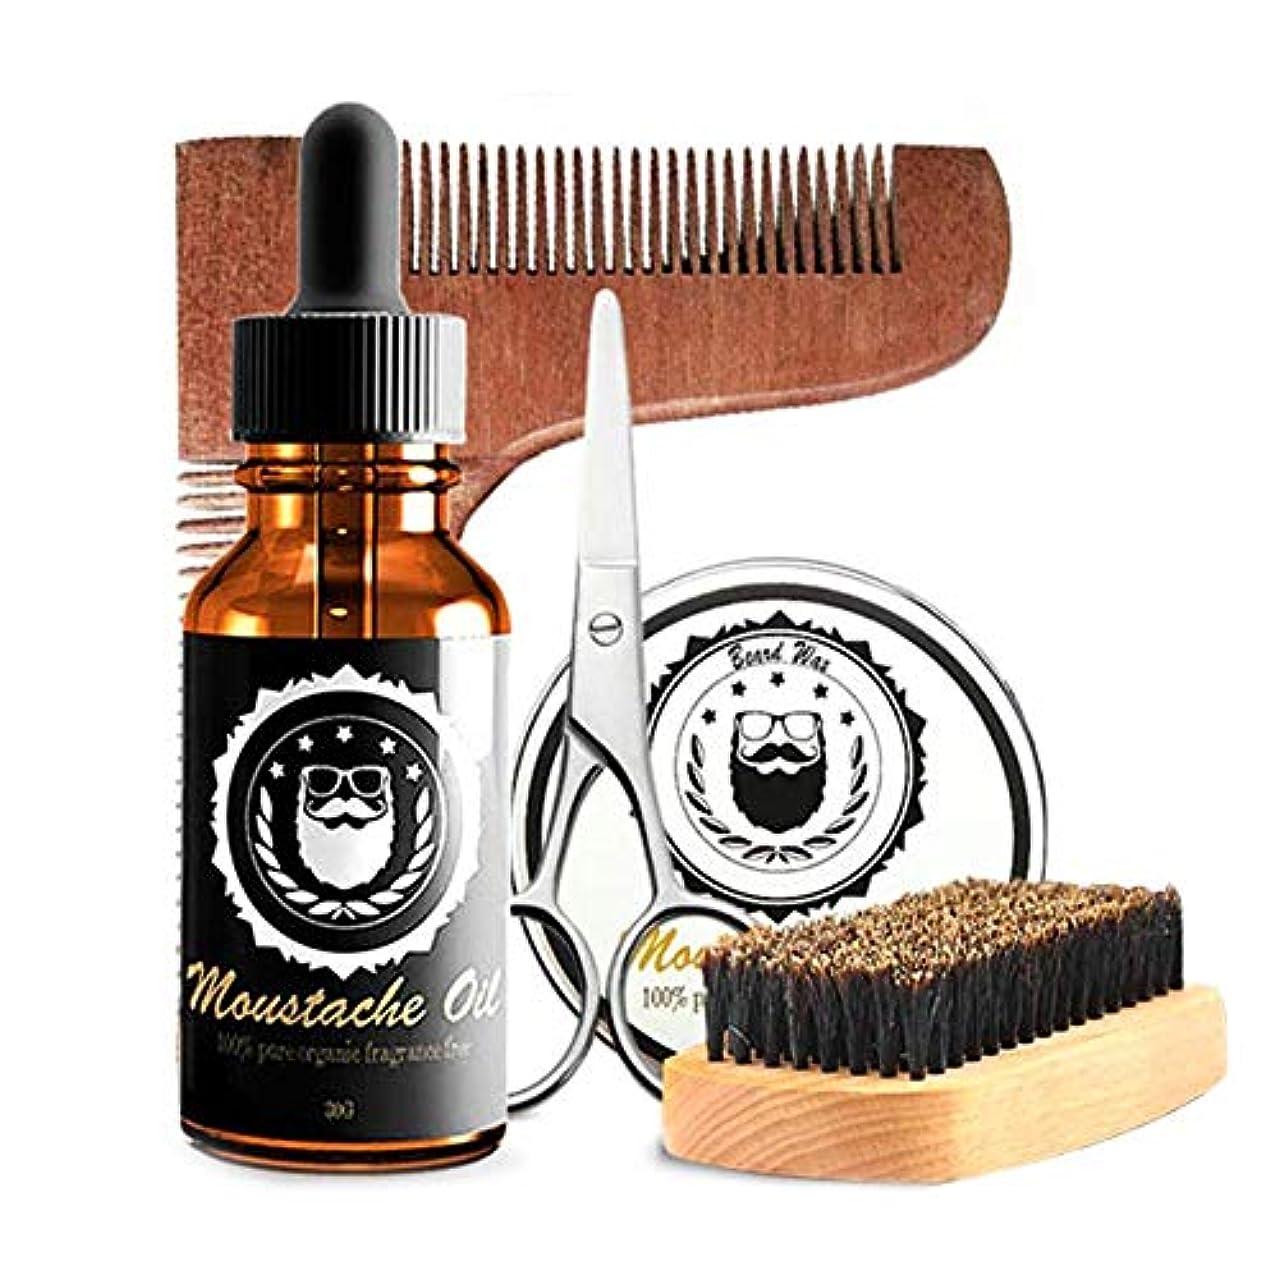 回想朝ごはん環境ひげの心配セット、人のためのオイル、ワックス、ブラシ、はさみが付いている良質のひげのキット